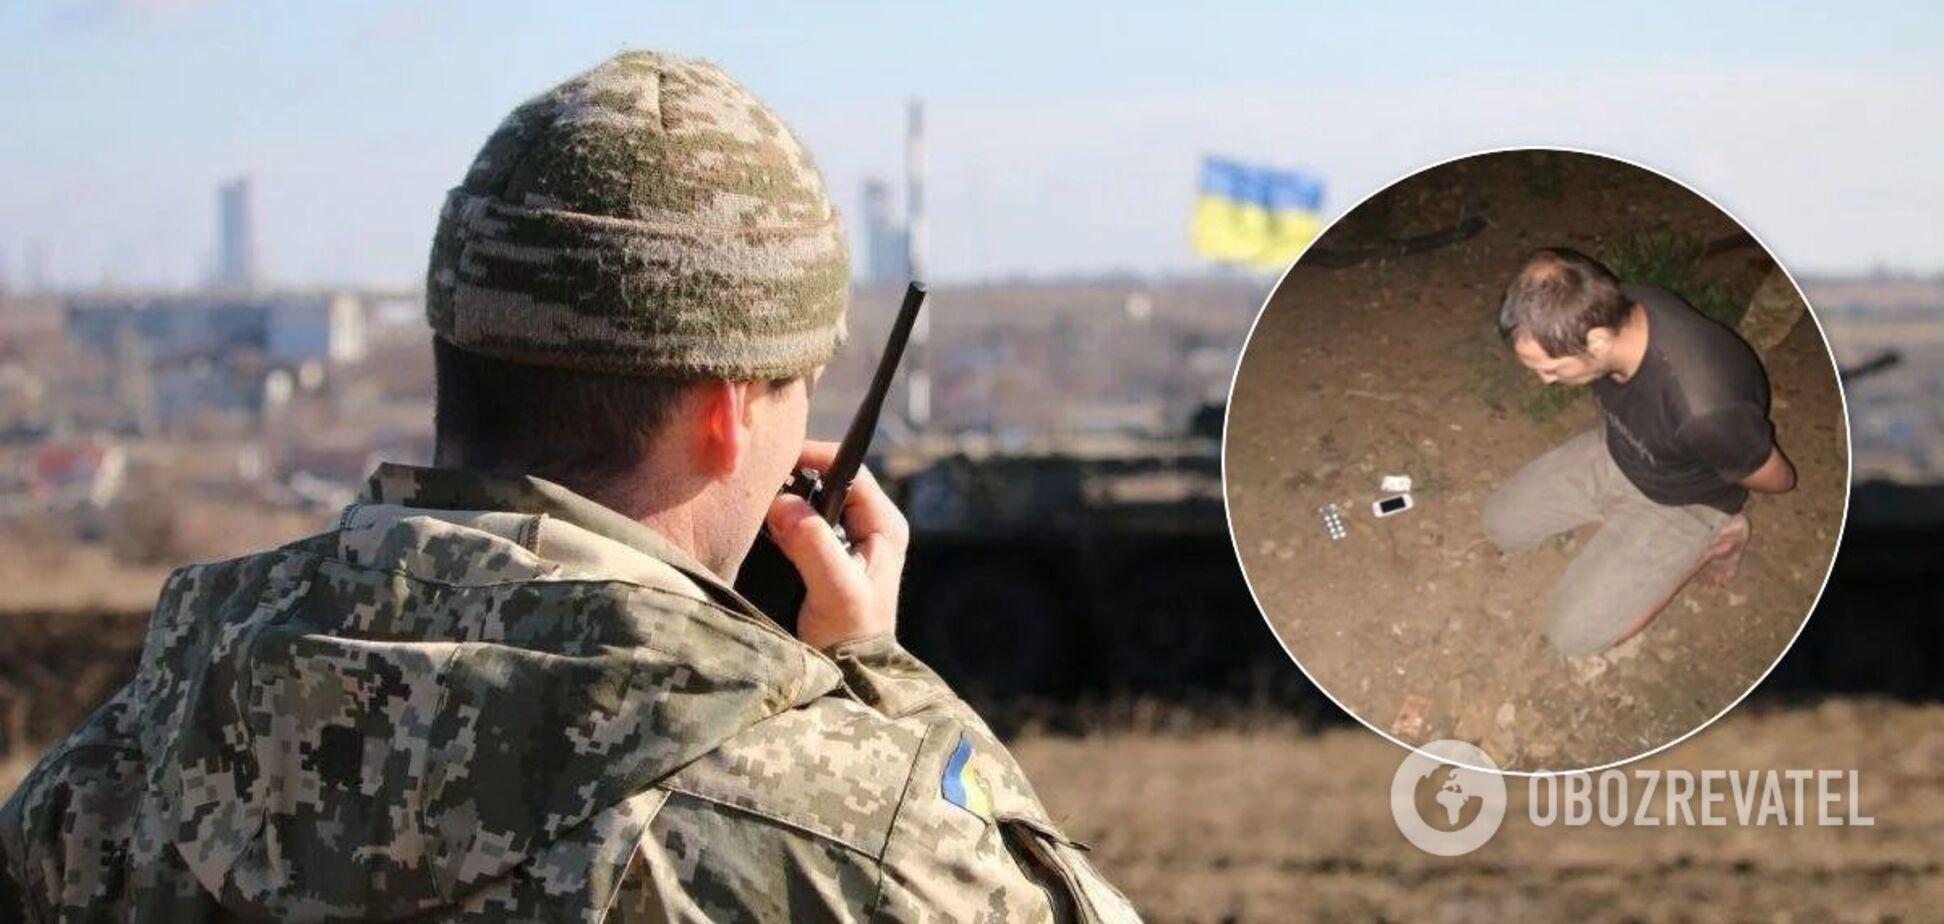 Снайпер 'ЛНР' не витримав знущань і здався ЗСУ: з'явилися подробиці